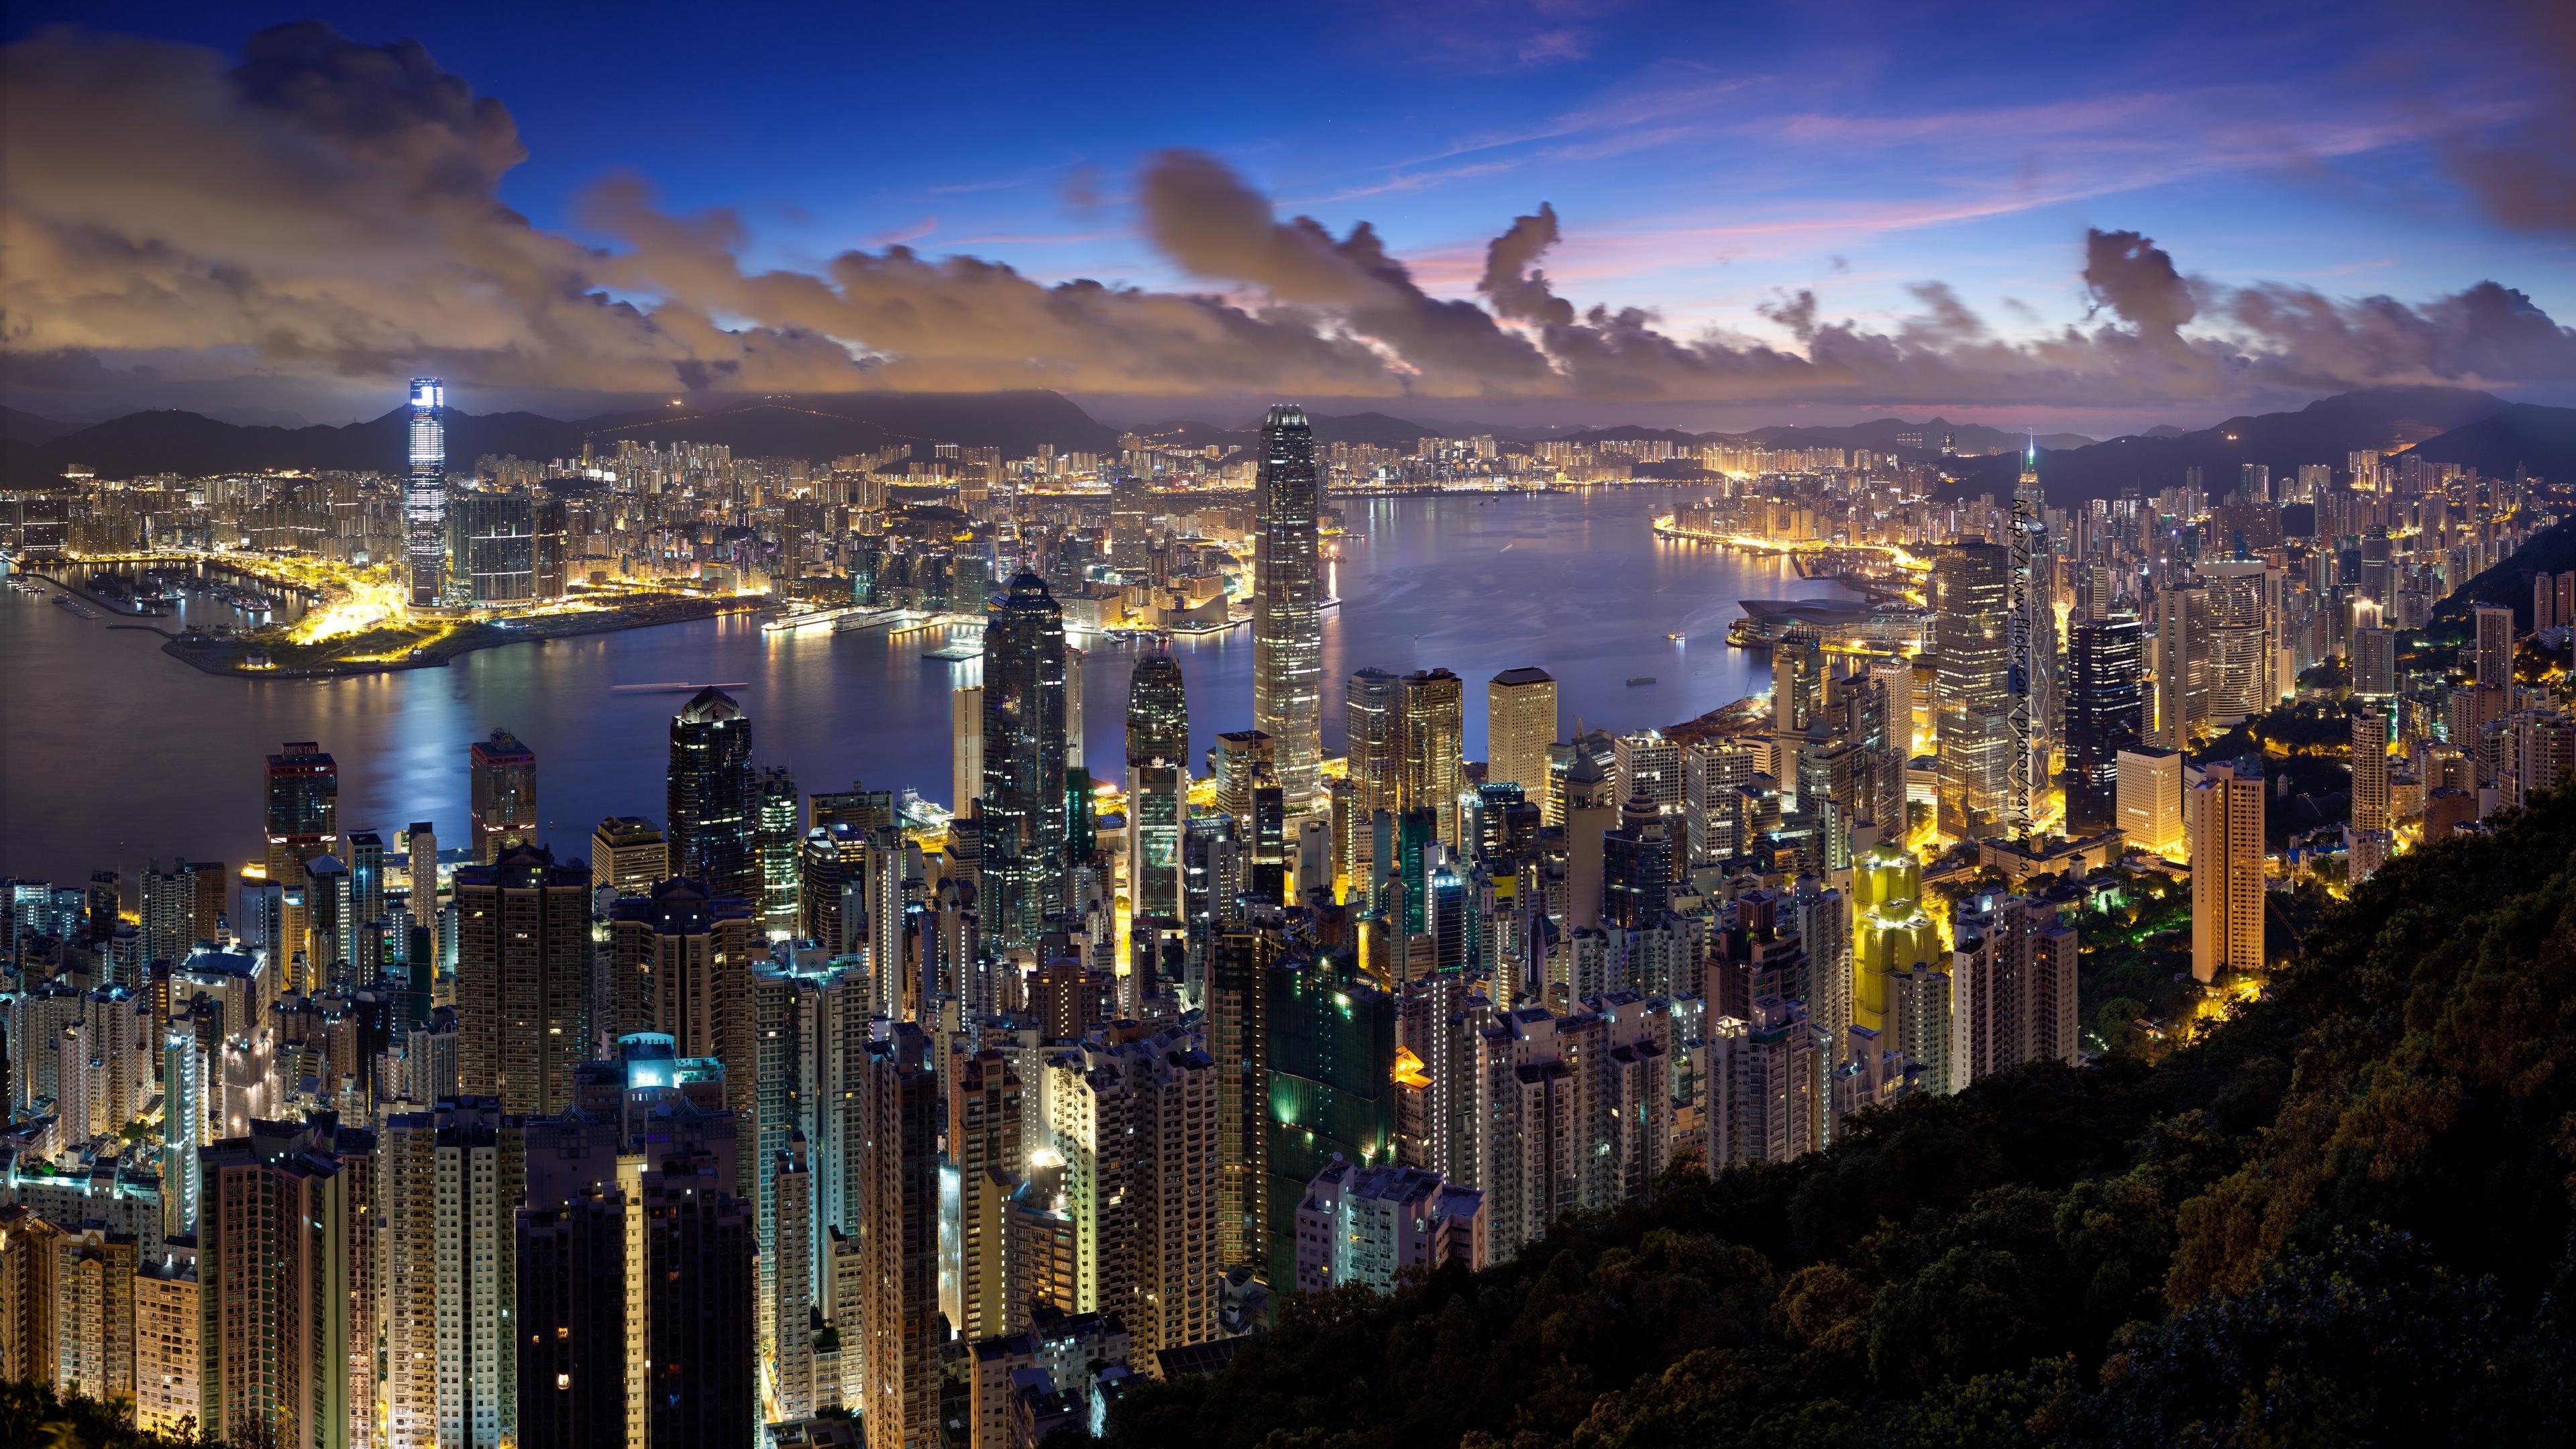 city hong kong night clouds lights 4k 1538068755 - city, hong kong, night, clouds, lights 4k - Night, hong kong, City